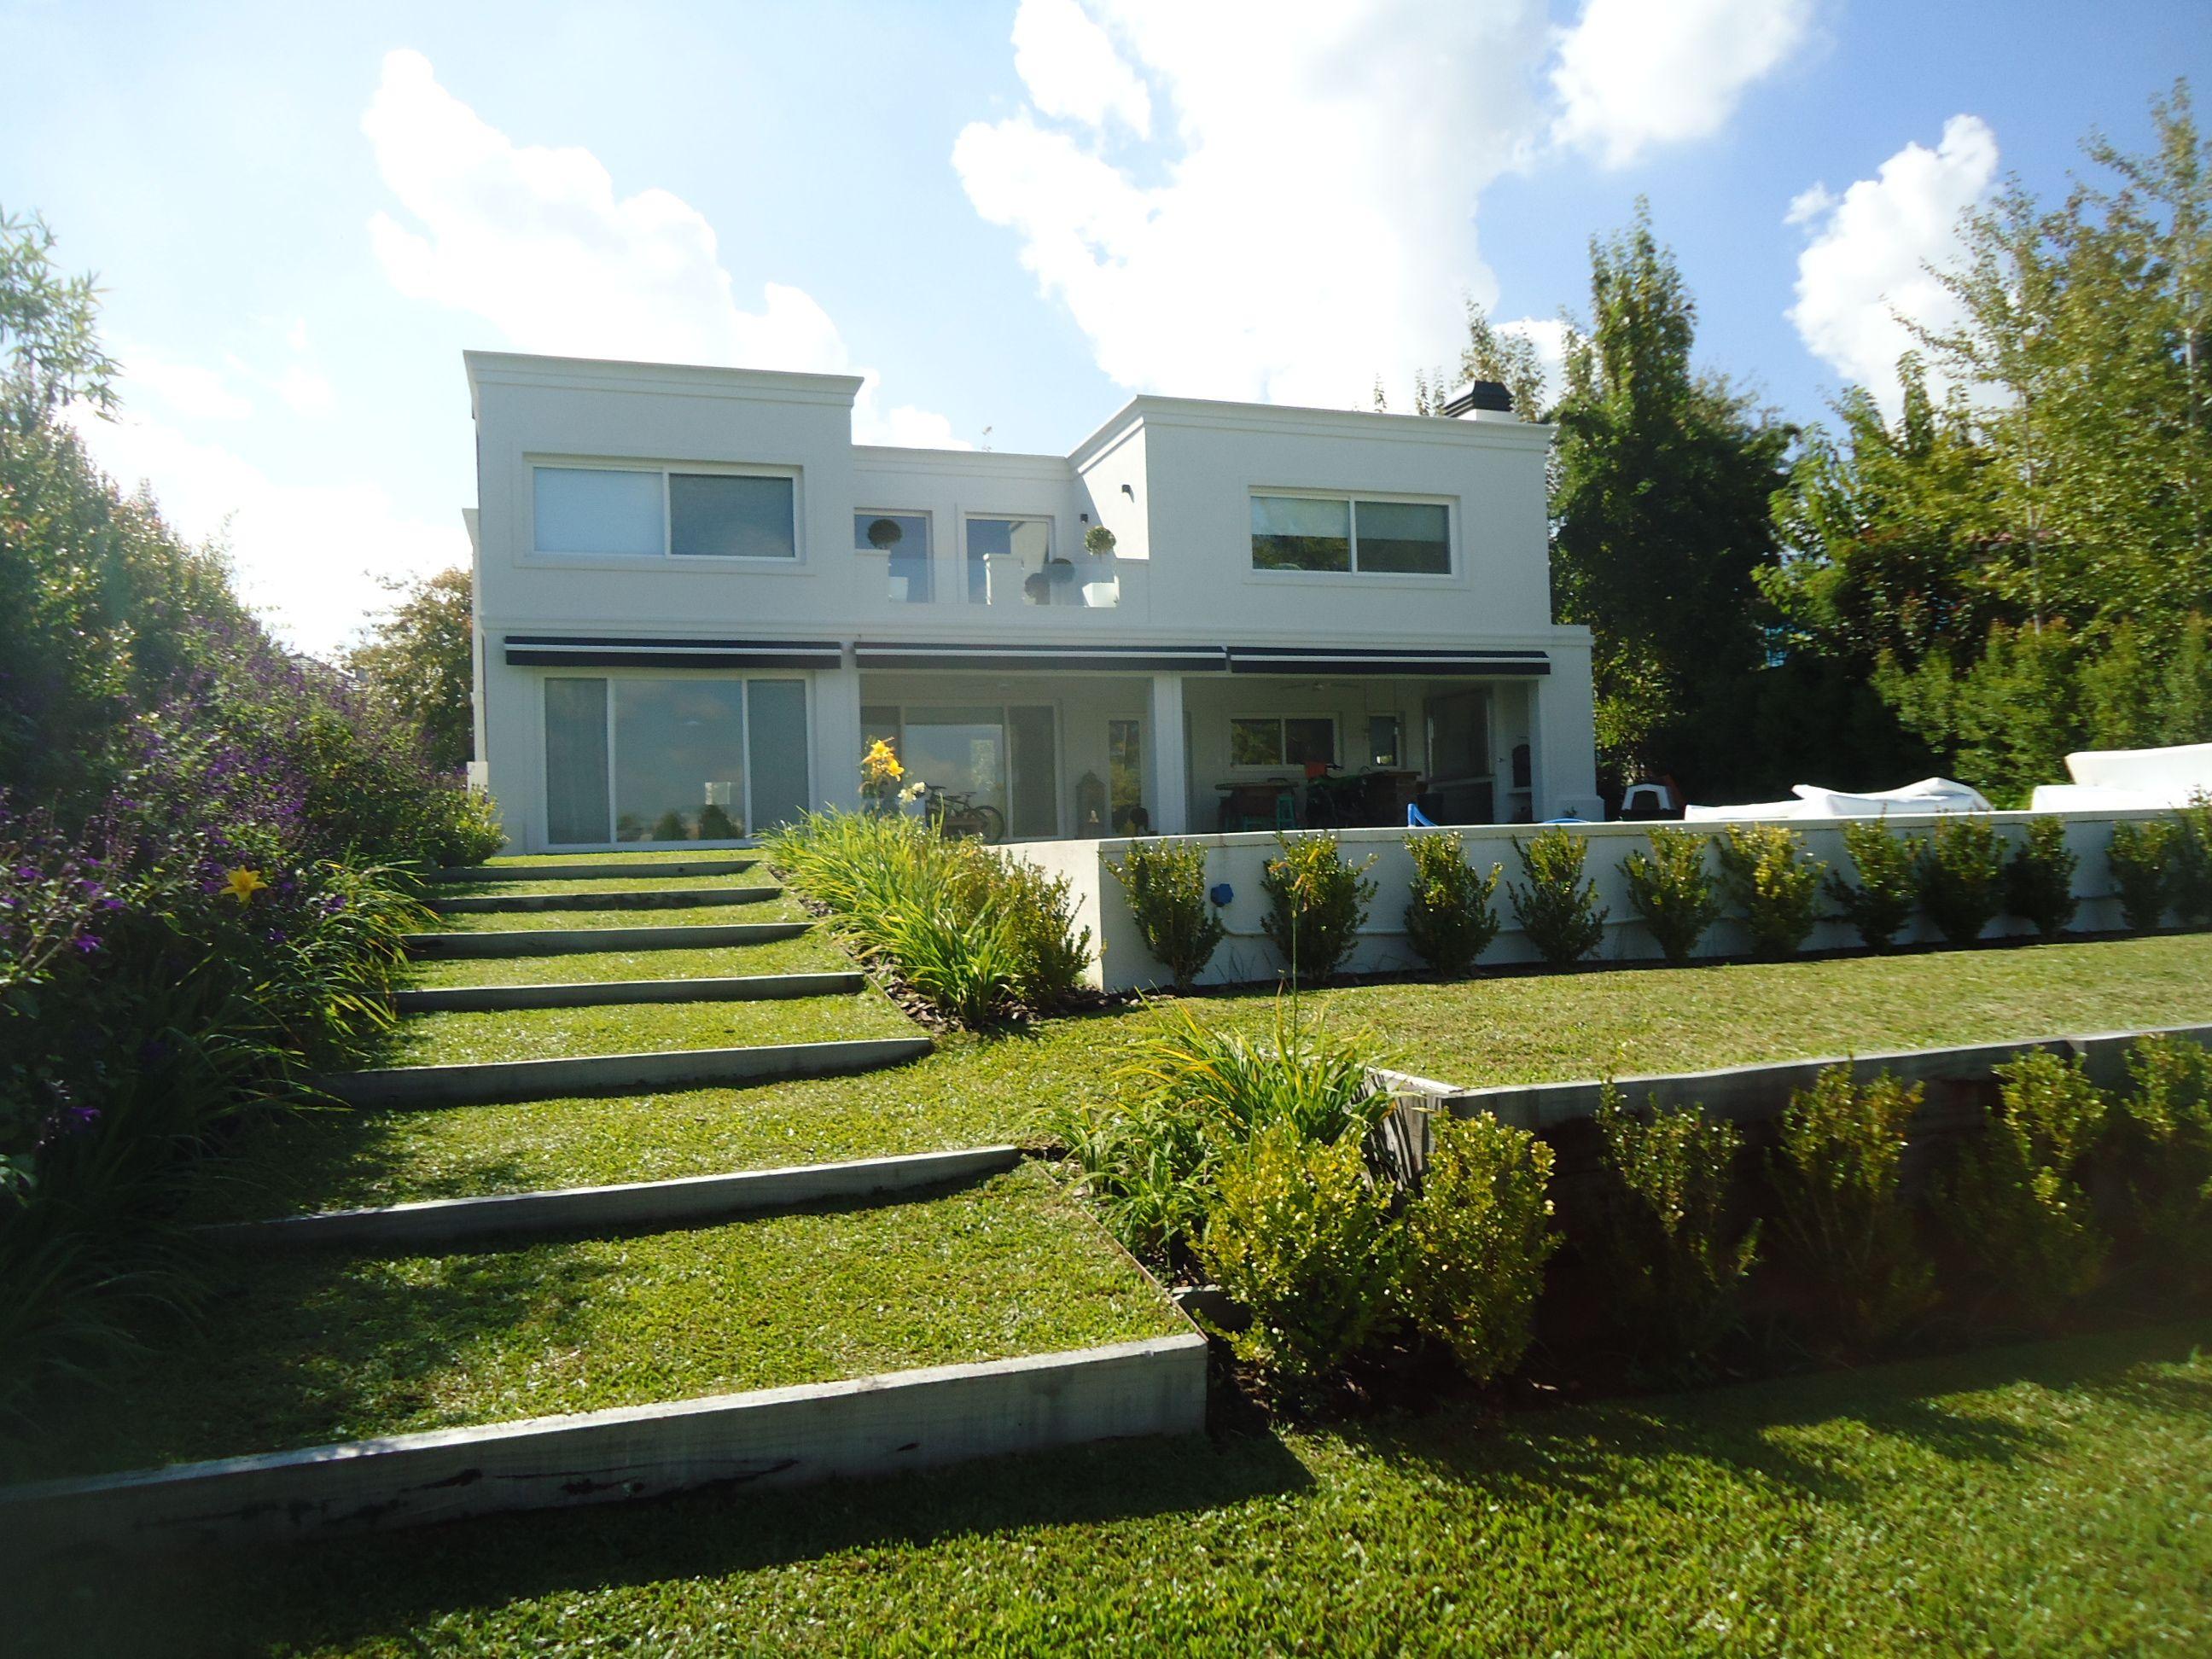 Oda al verde jardin aterrazado a lago garden to lake - Jardines exteriores de casas modernas ...